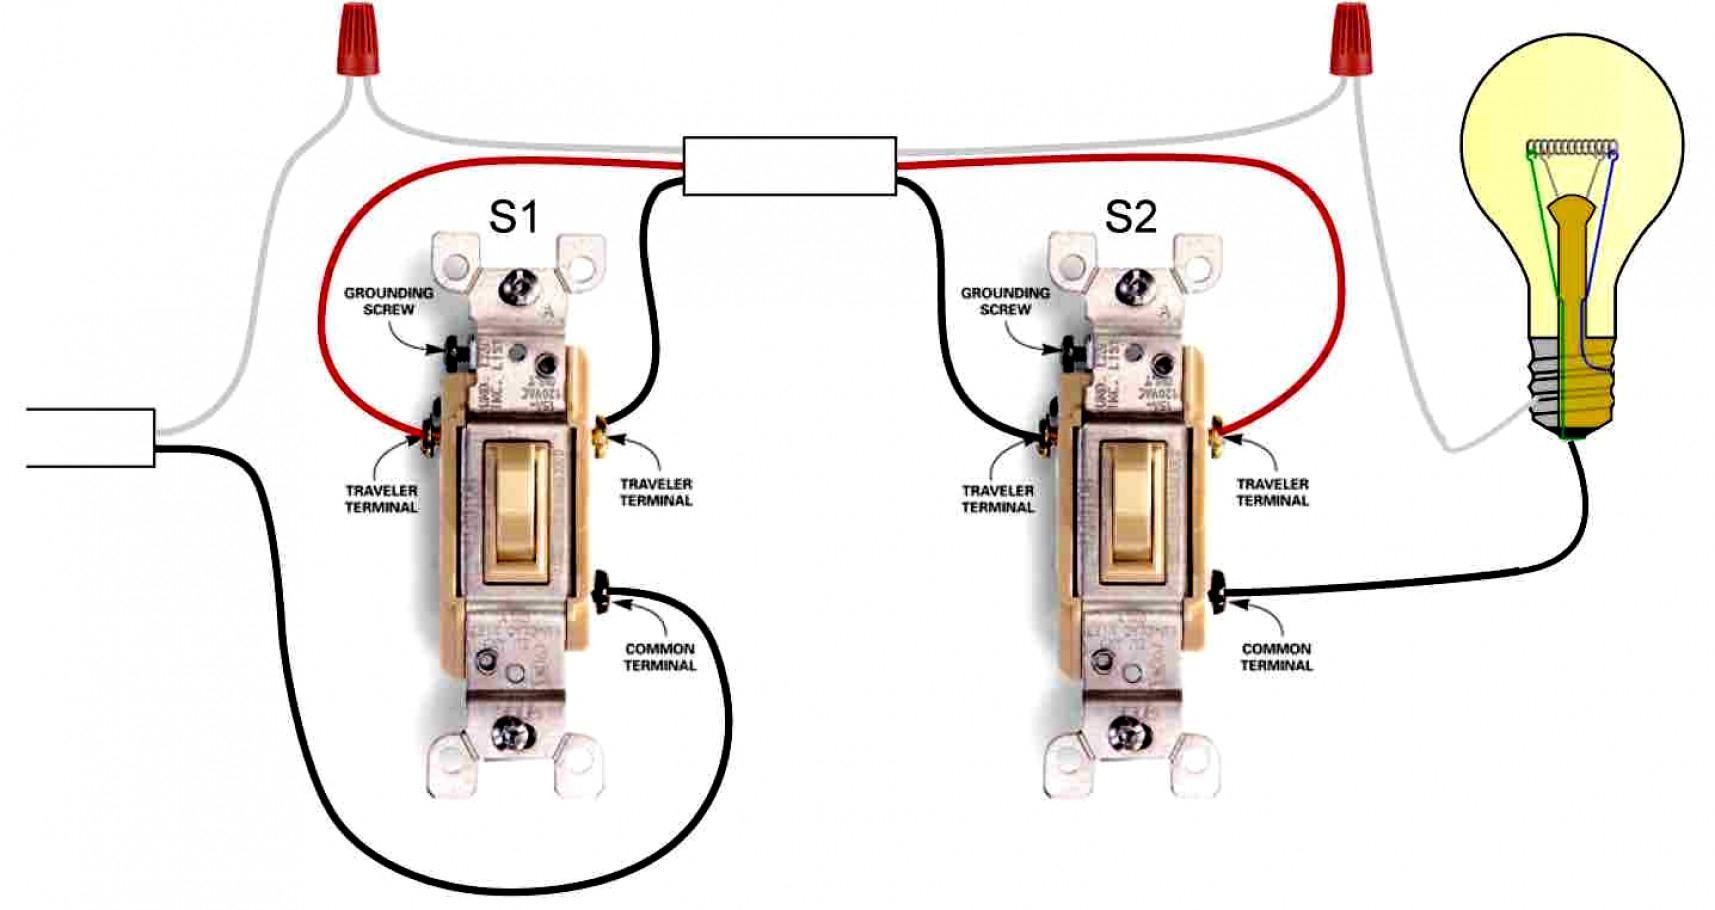 Amazing 3 Way Switch Single Pole Wiring Diagram Video On How To Wire - 3 Way Switch Single Pole Wiring Diagram